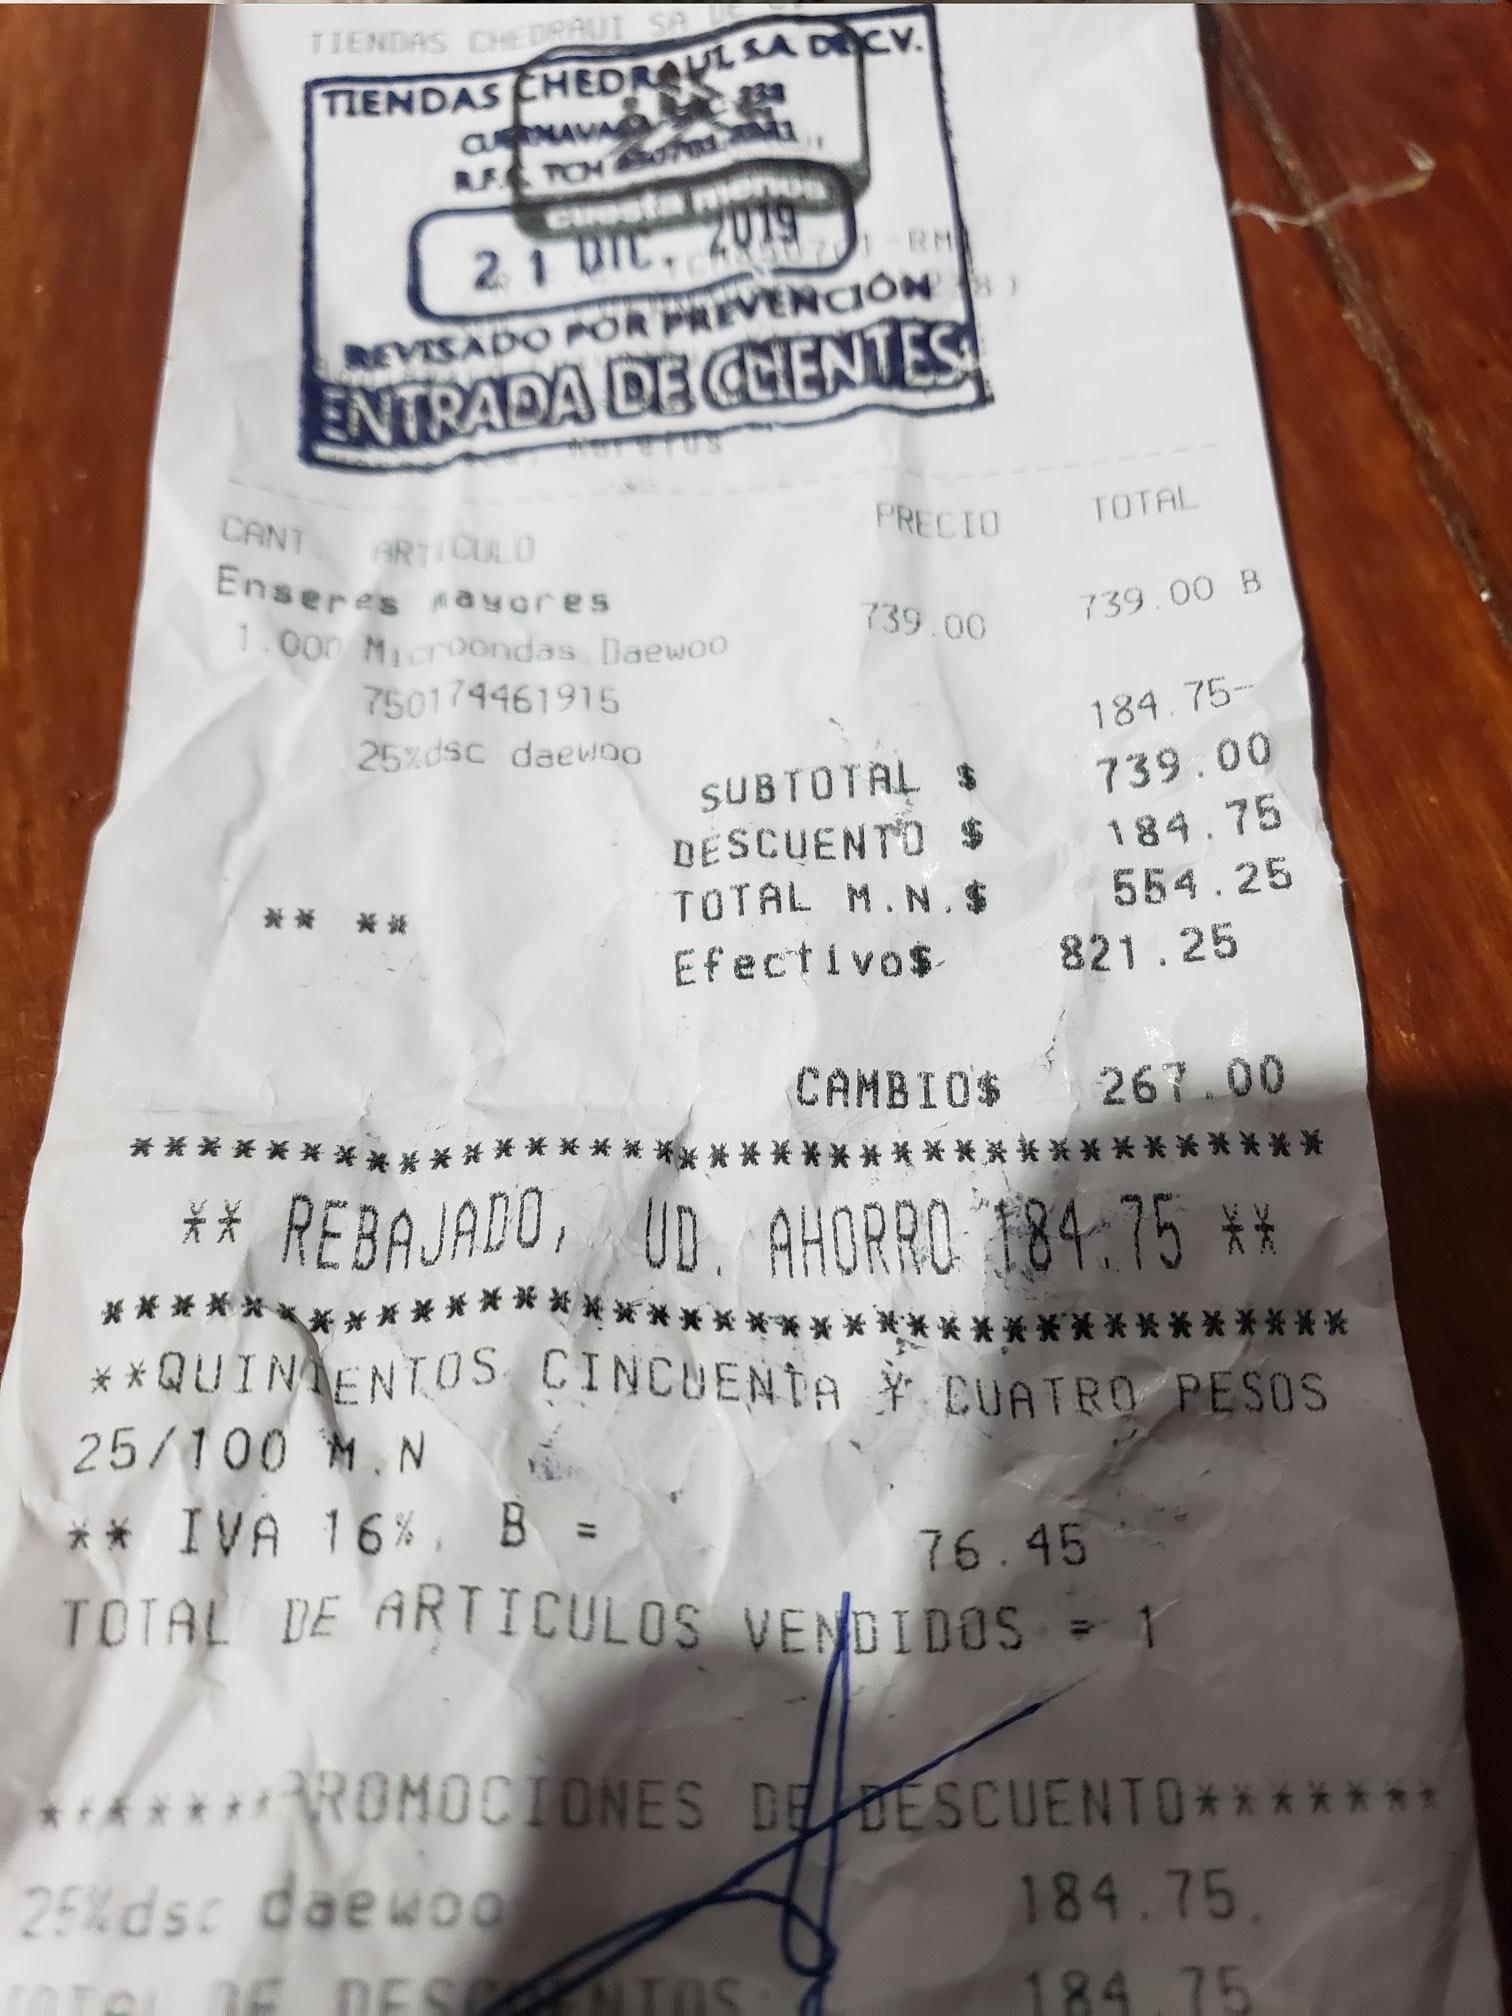 Chedraui: Horno Microondas De Remate Chedraui 554.25 Daewoo .7 Pies Jamas A Estado Tan Bajo En Tienda Fisica